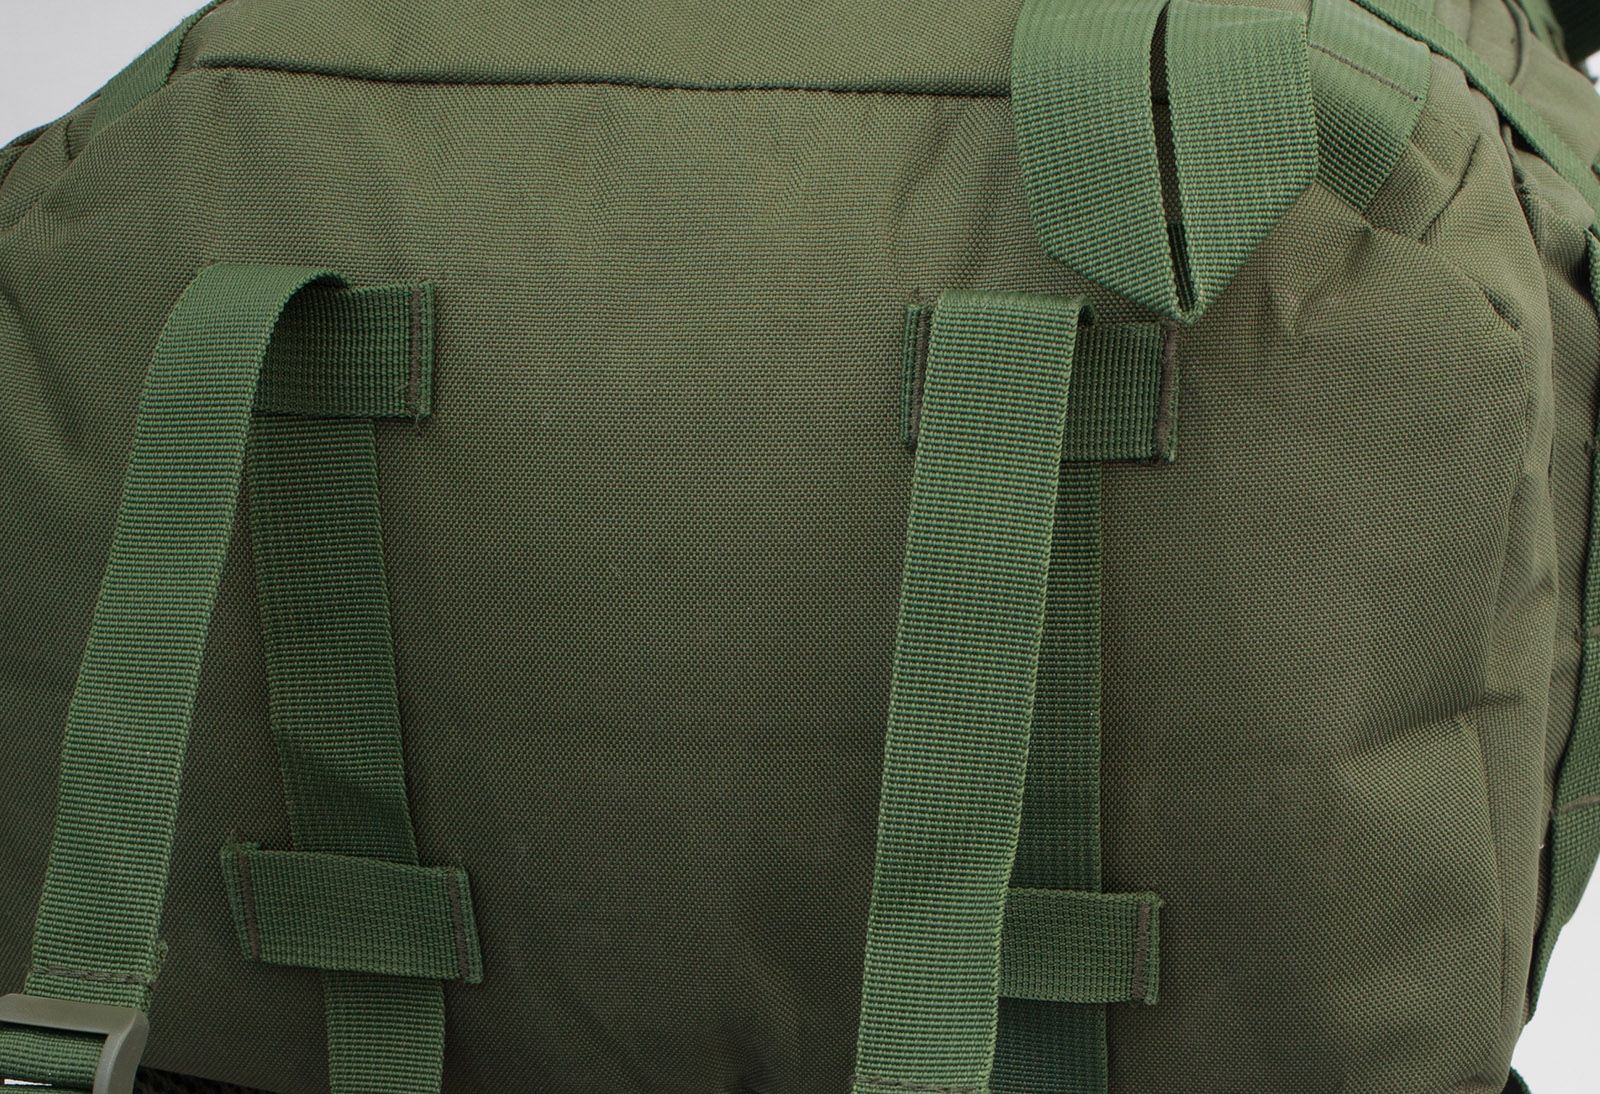 Надежный рейдовый рюкзак с нашивкой Танковые Войска - заказать в подарок